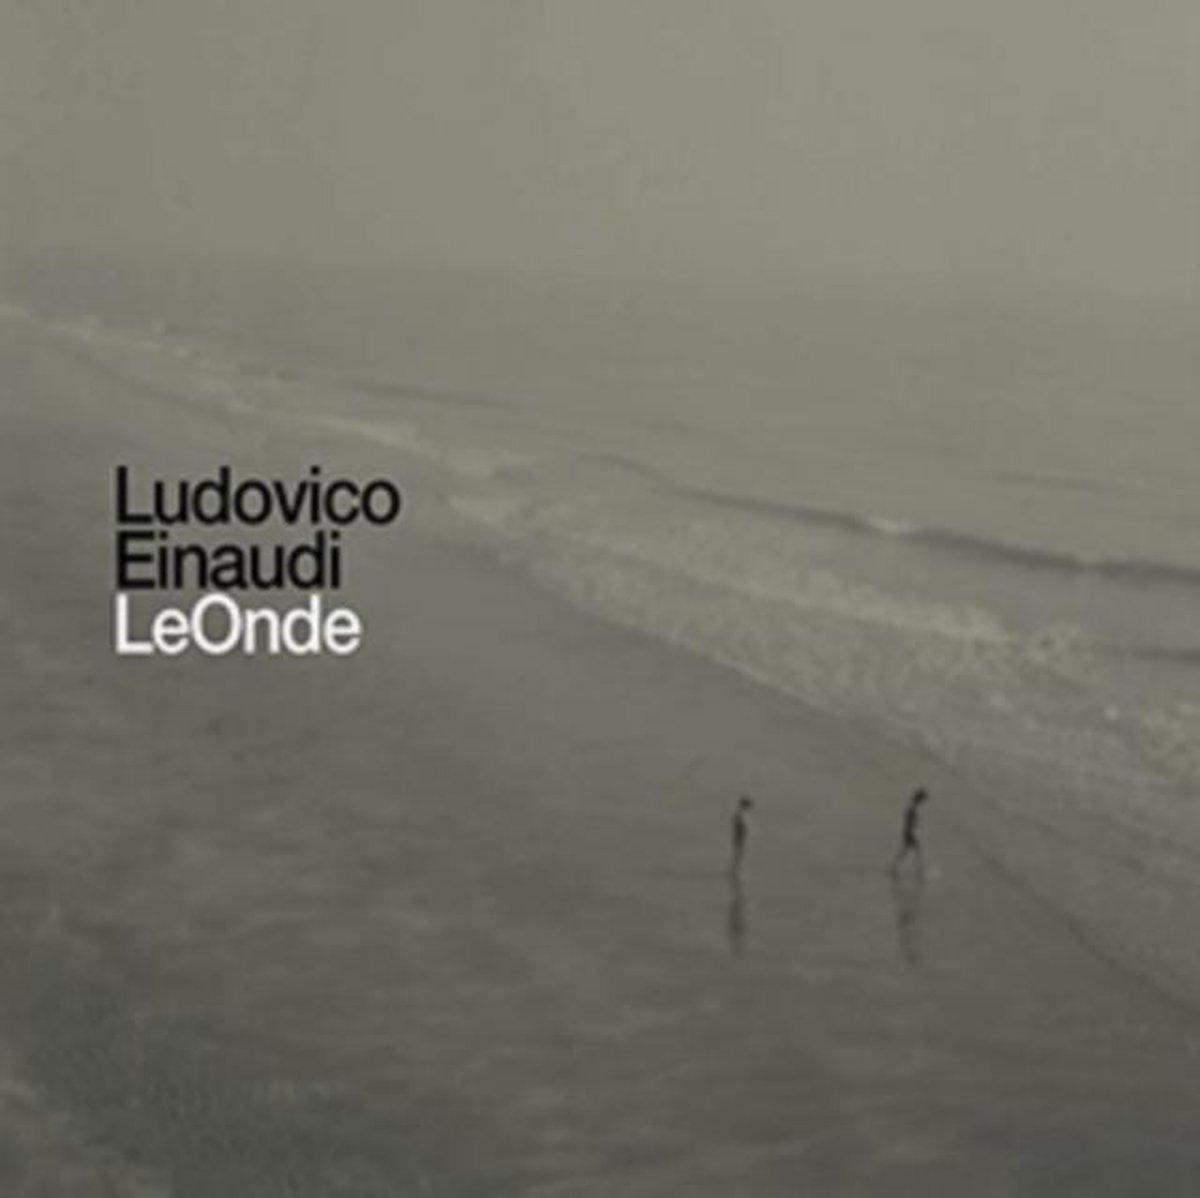 Onde - Ludovico Einaudi